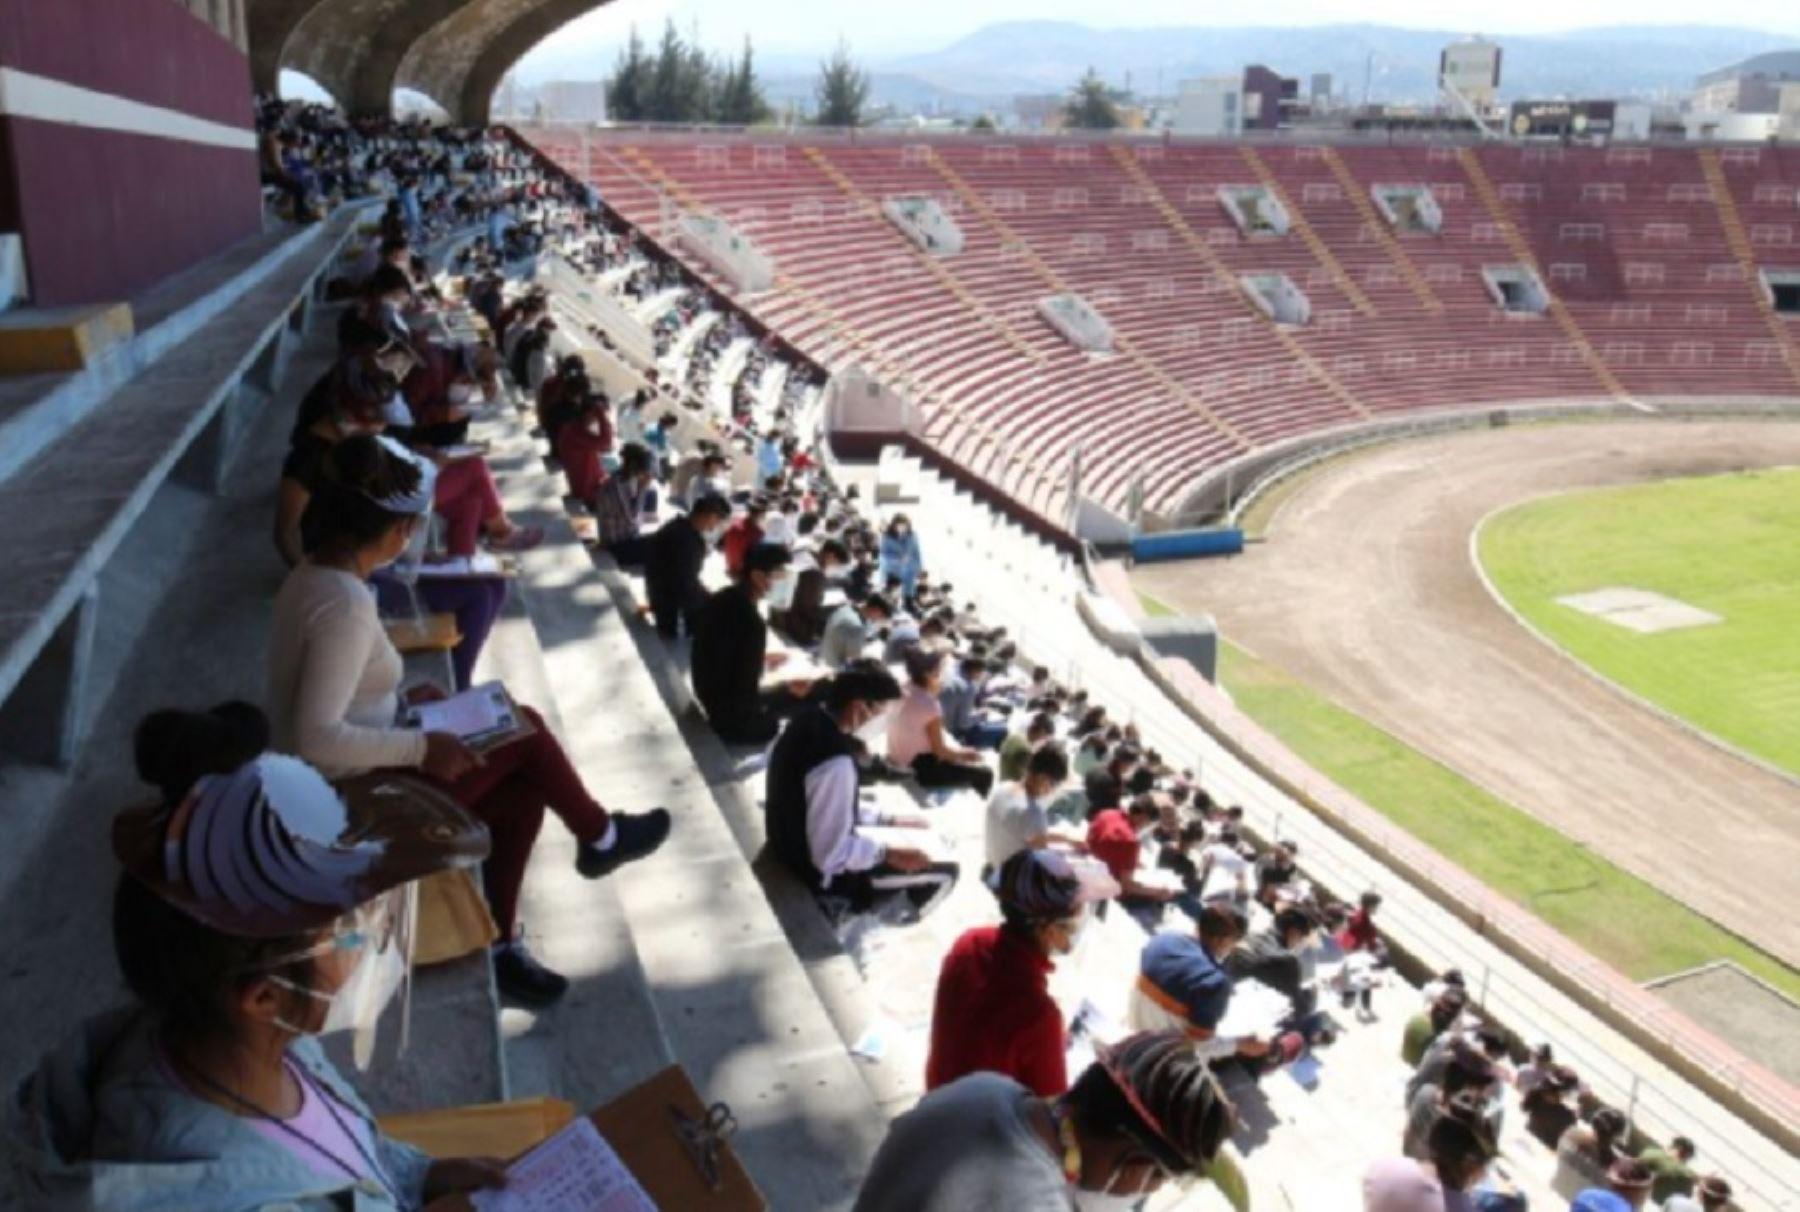 La Universidad Nacional de San Agustín de Arequipa ratificó que el examen de admisión presencial se desarrollará en dos fechas. ANDINA/Difusión